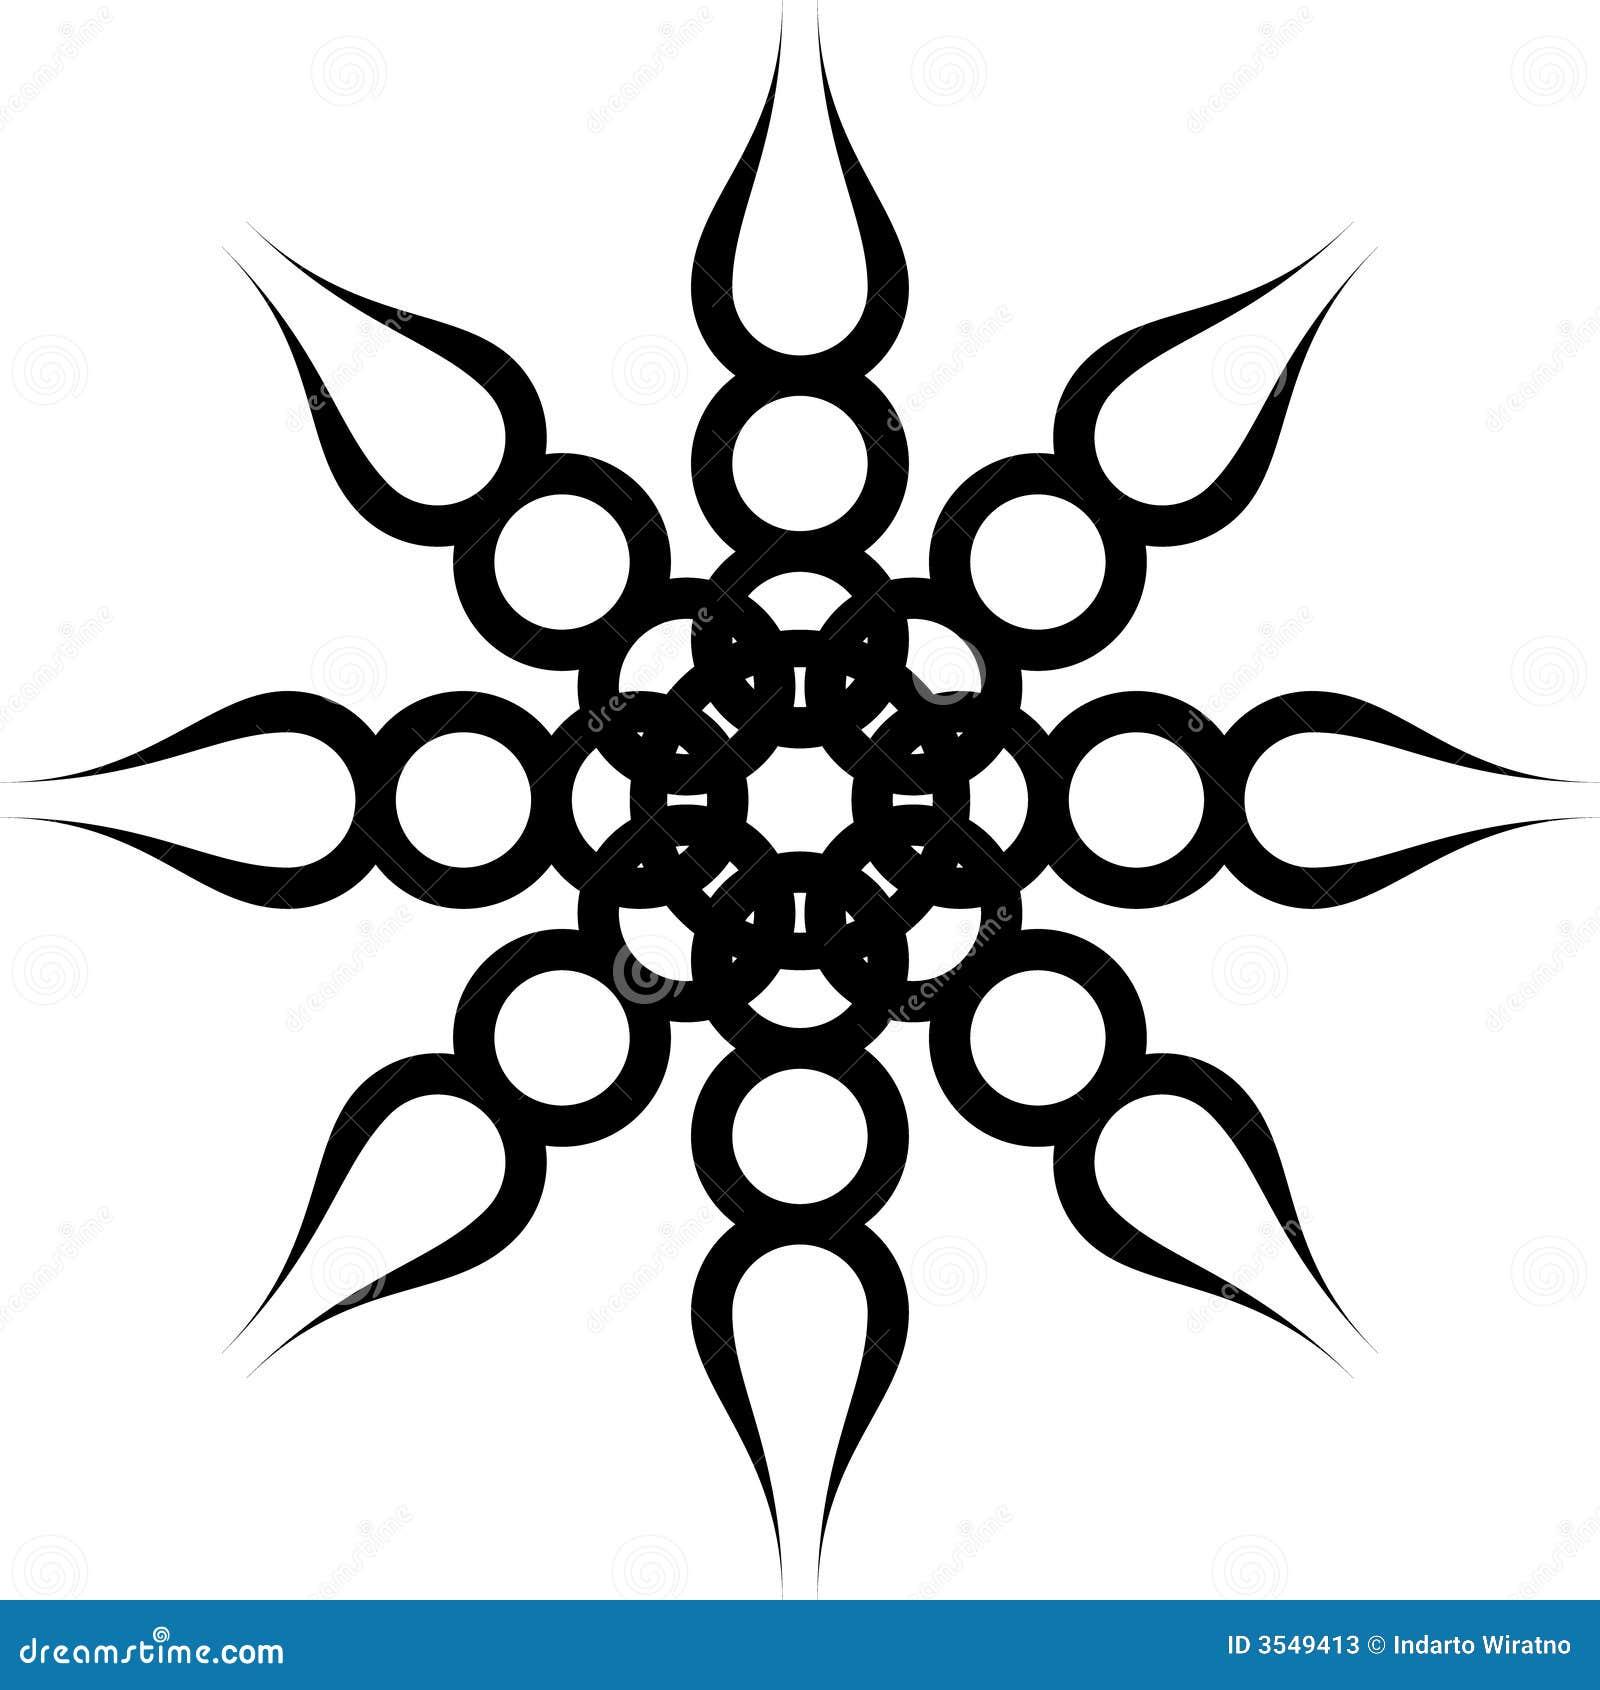 Black twist ornament